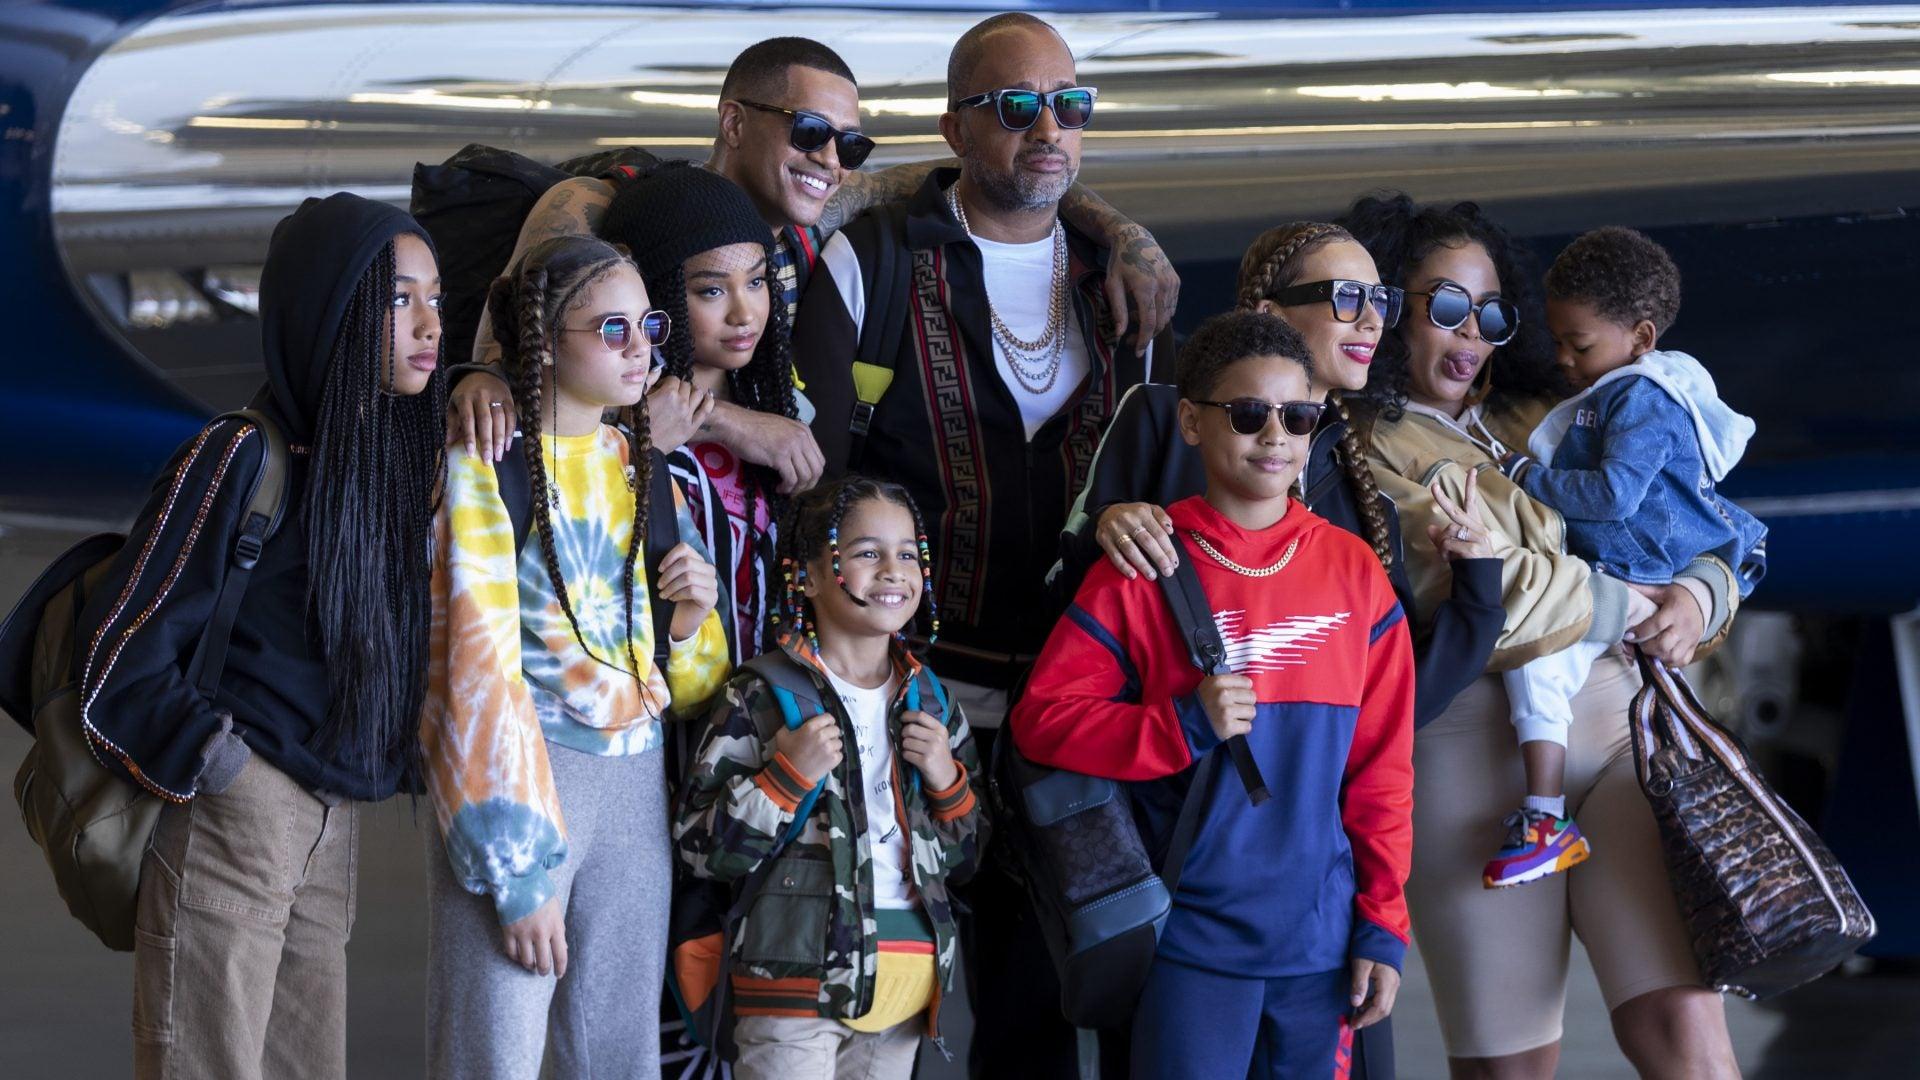 Watch New Trailer For Kenya Barris's New Netflix Show '#blackAF'